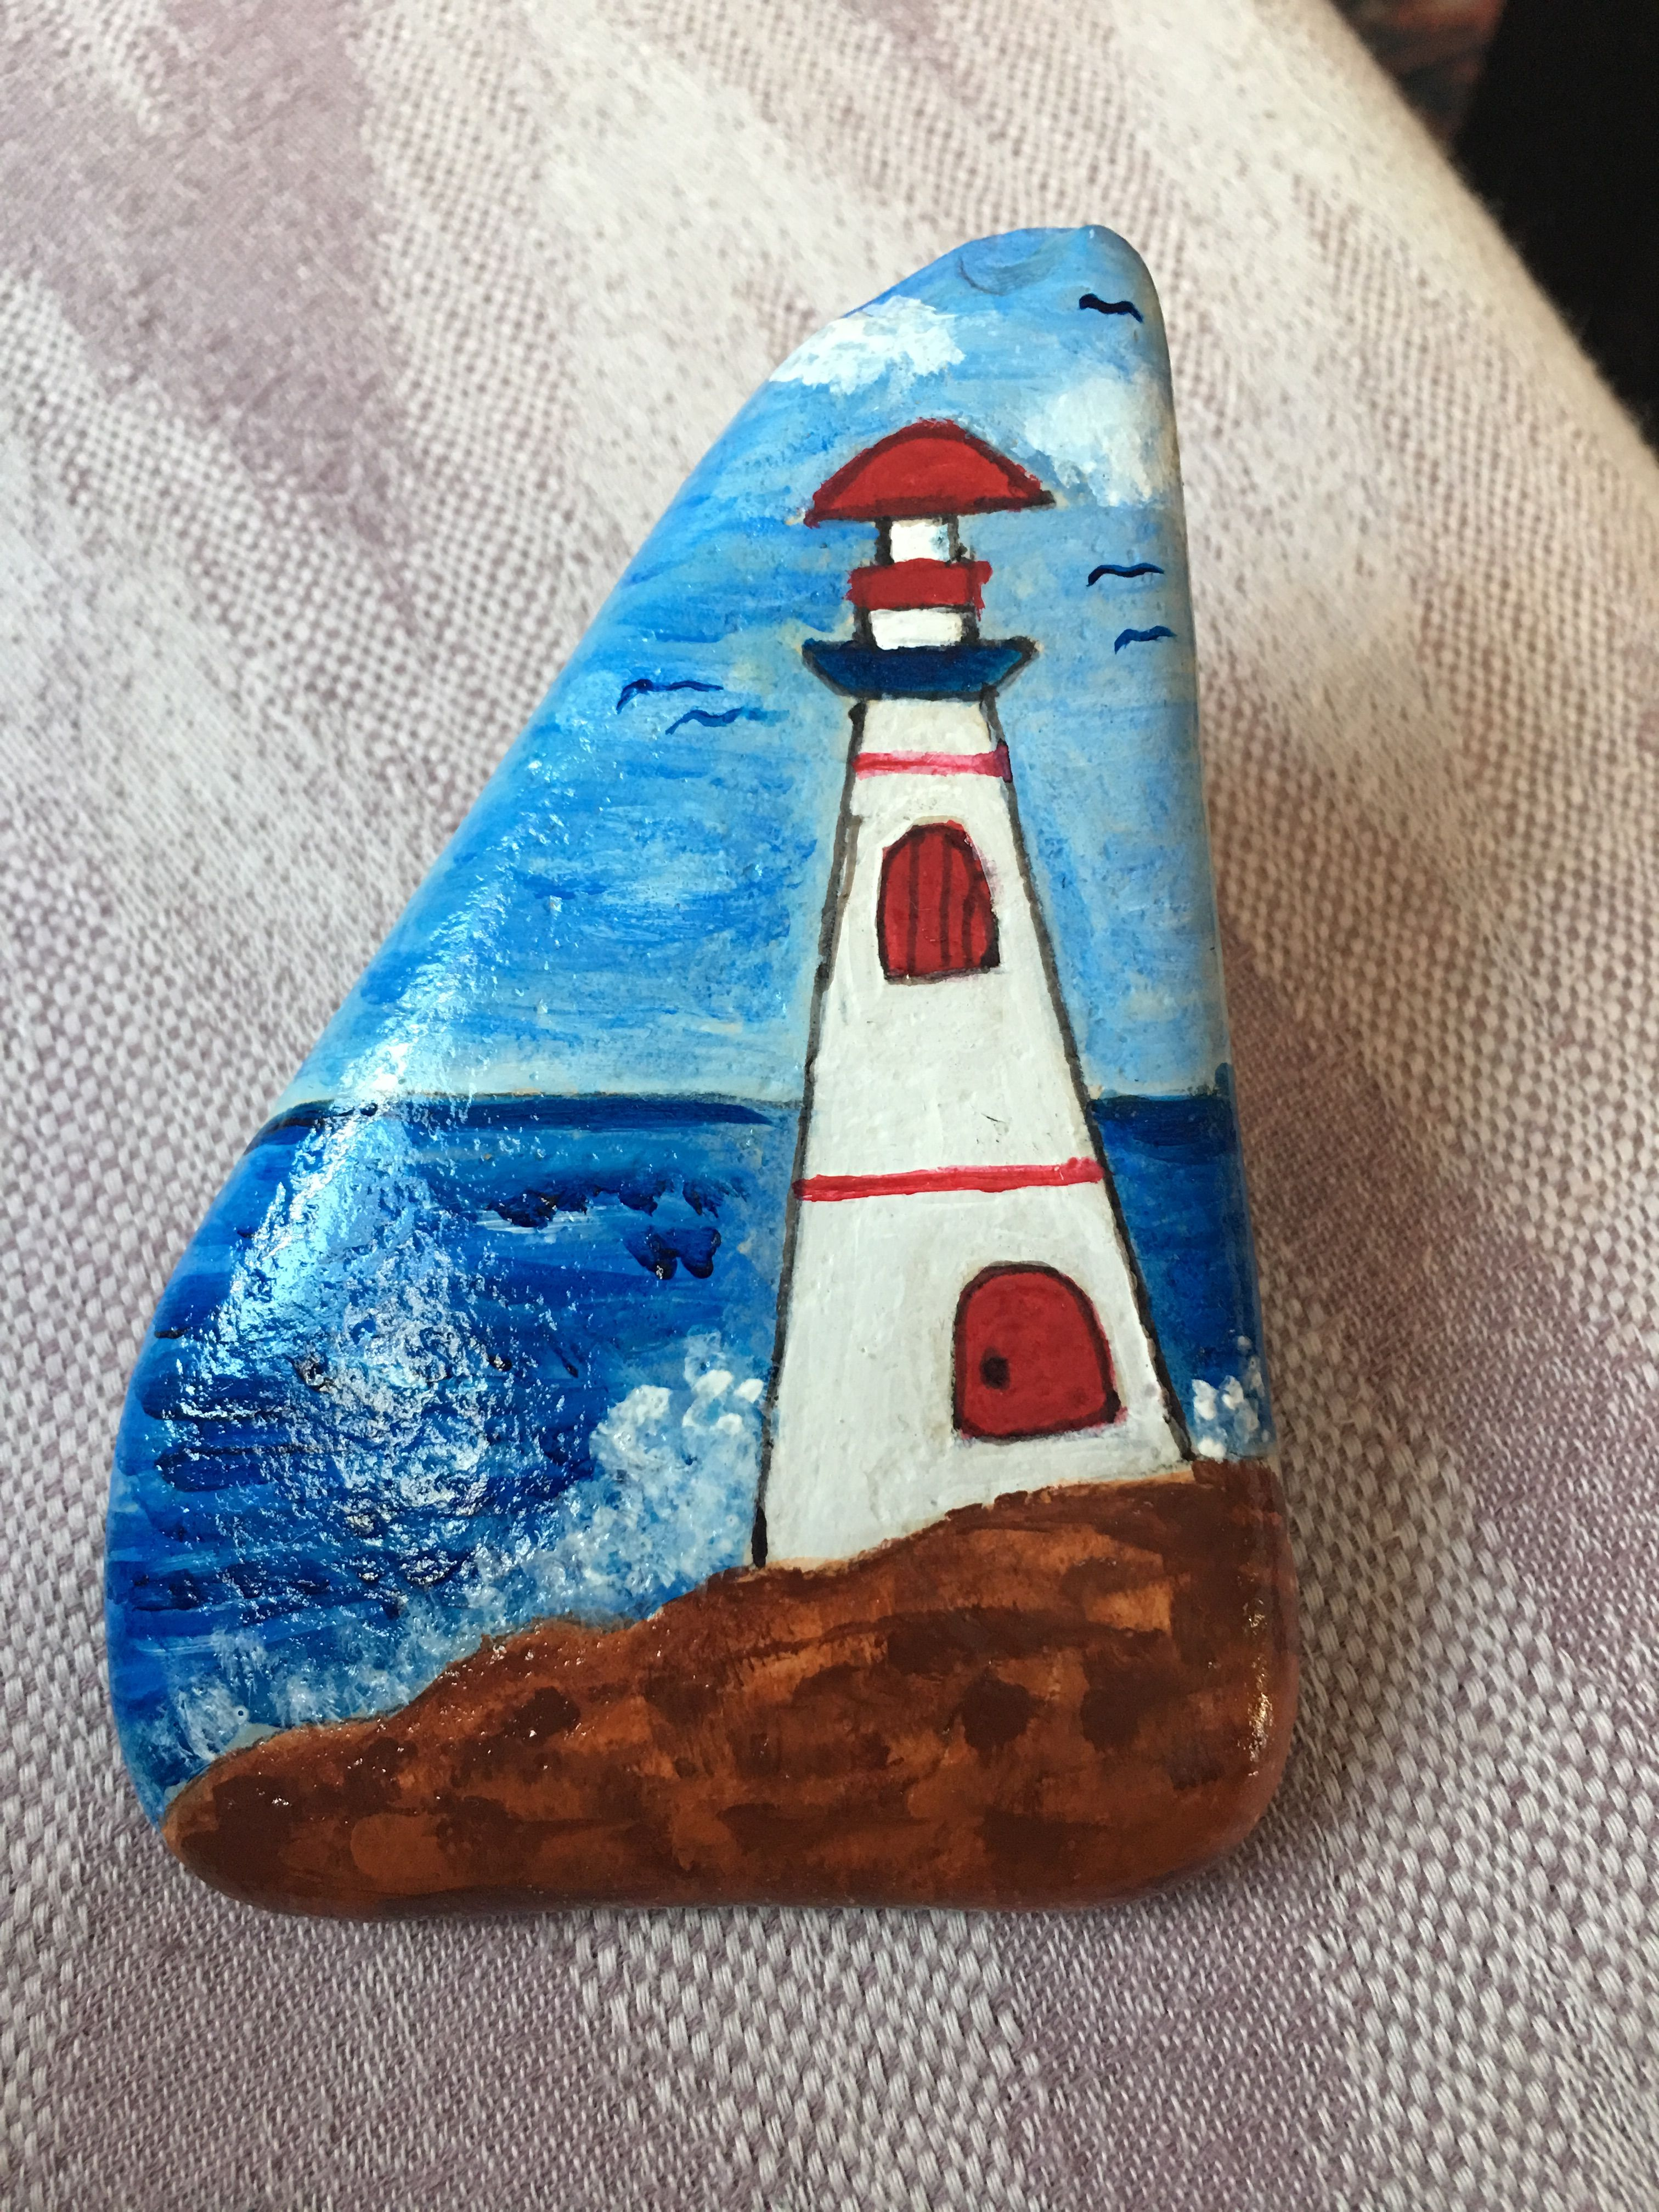 Tas Boyama Deniz Feneri Goruntuler Ile Deniz Feneri Sanat Taslar